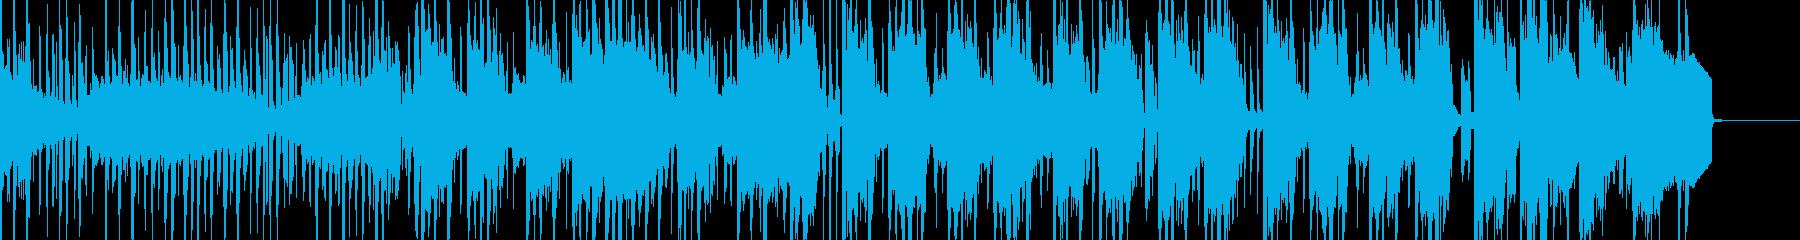 DJバトルのようなブレイクビーツの再生済みの波形